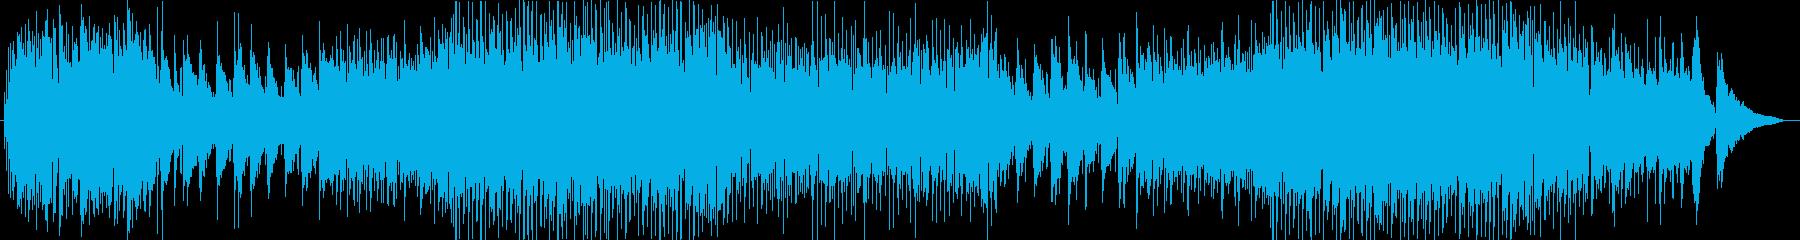 エンディングを飾るアコースティックBGMの再生済みの波形